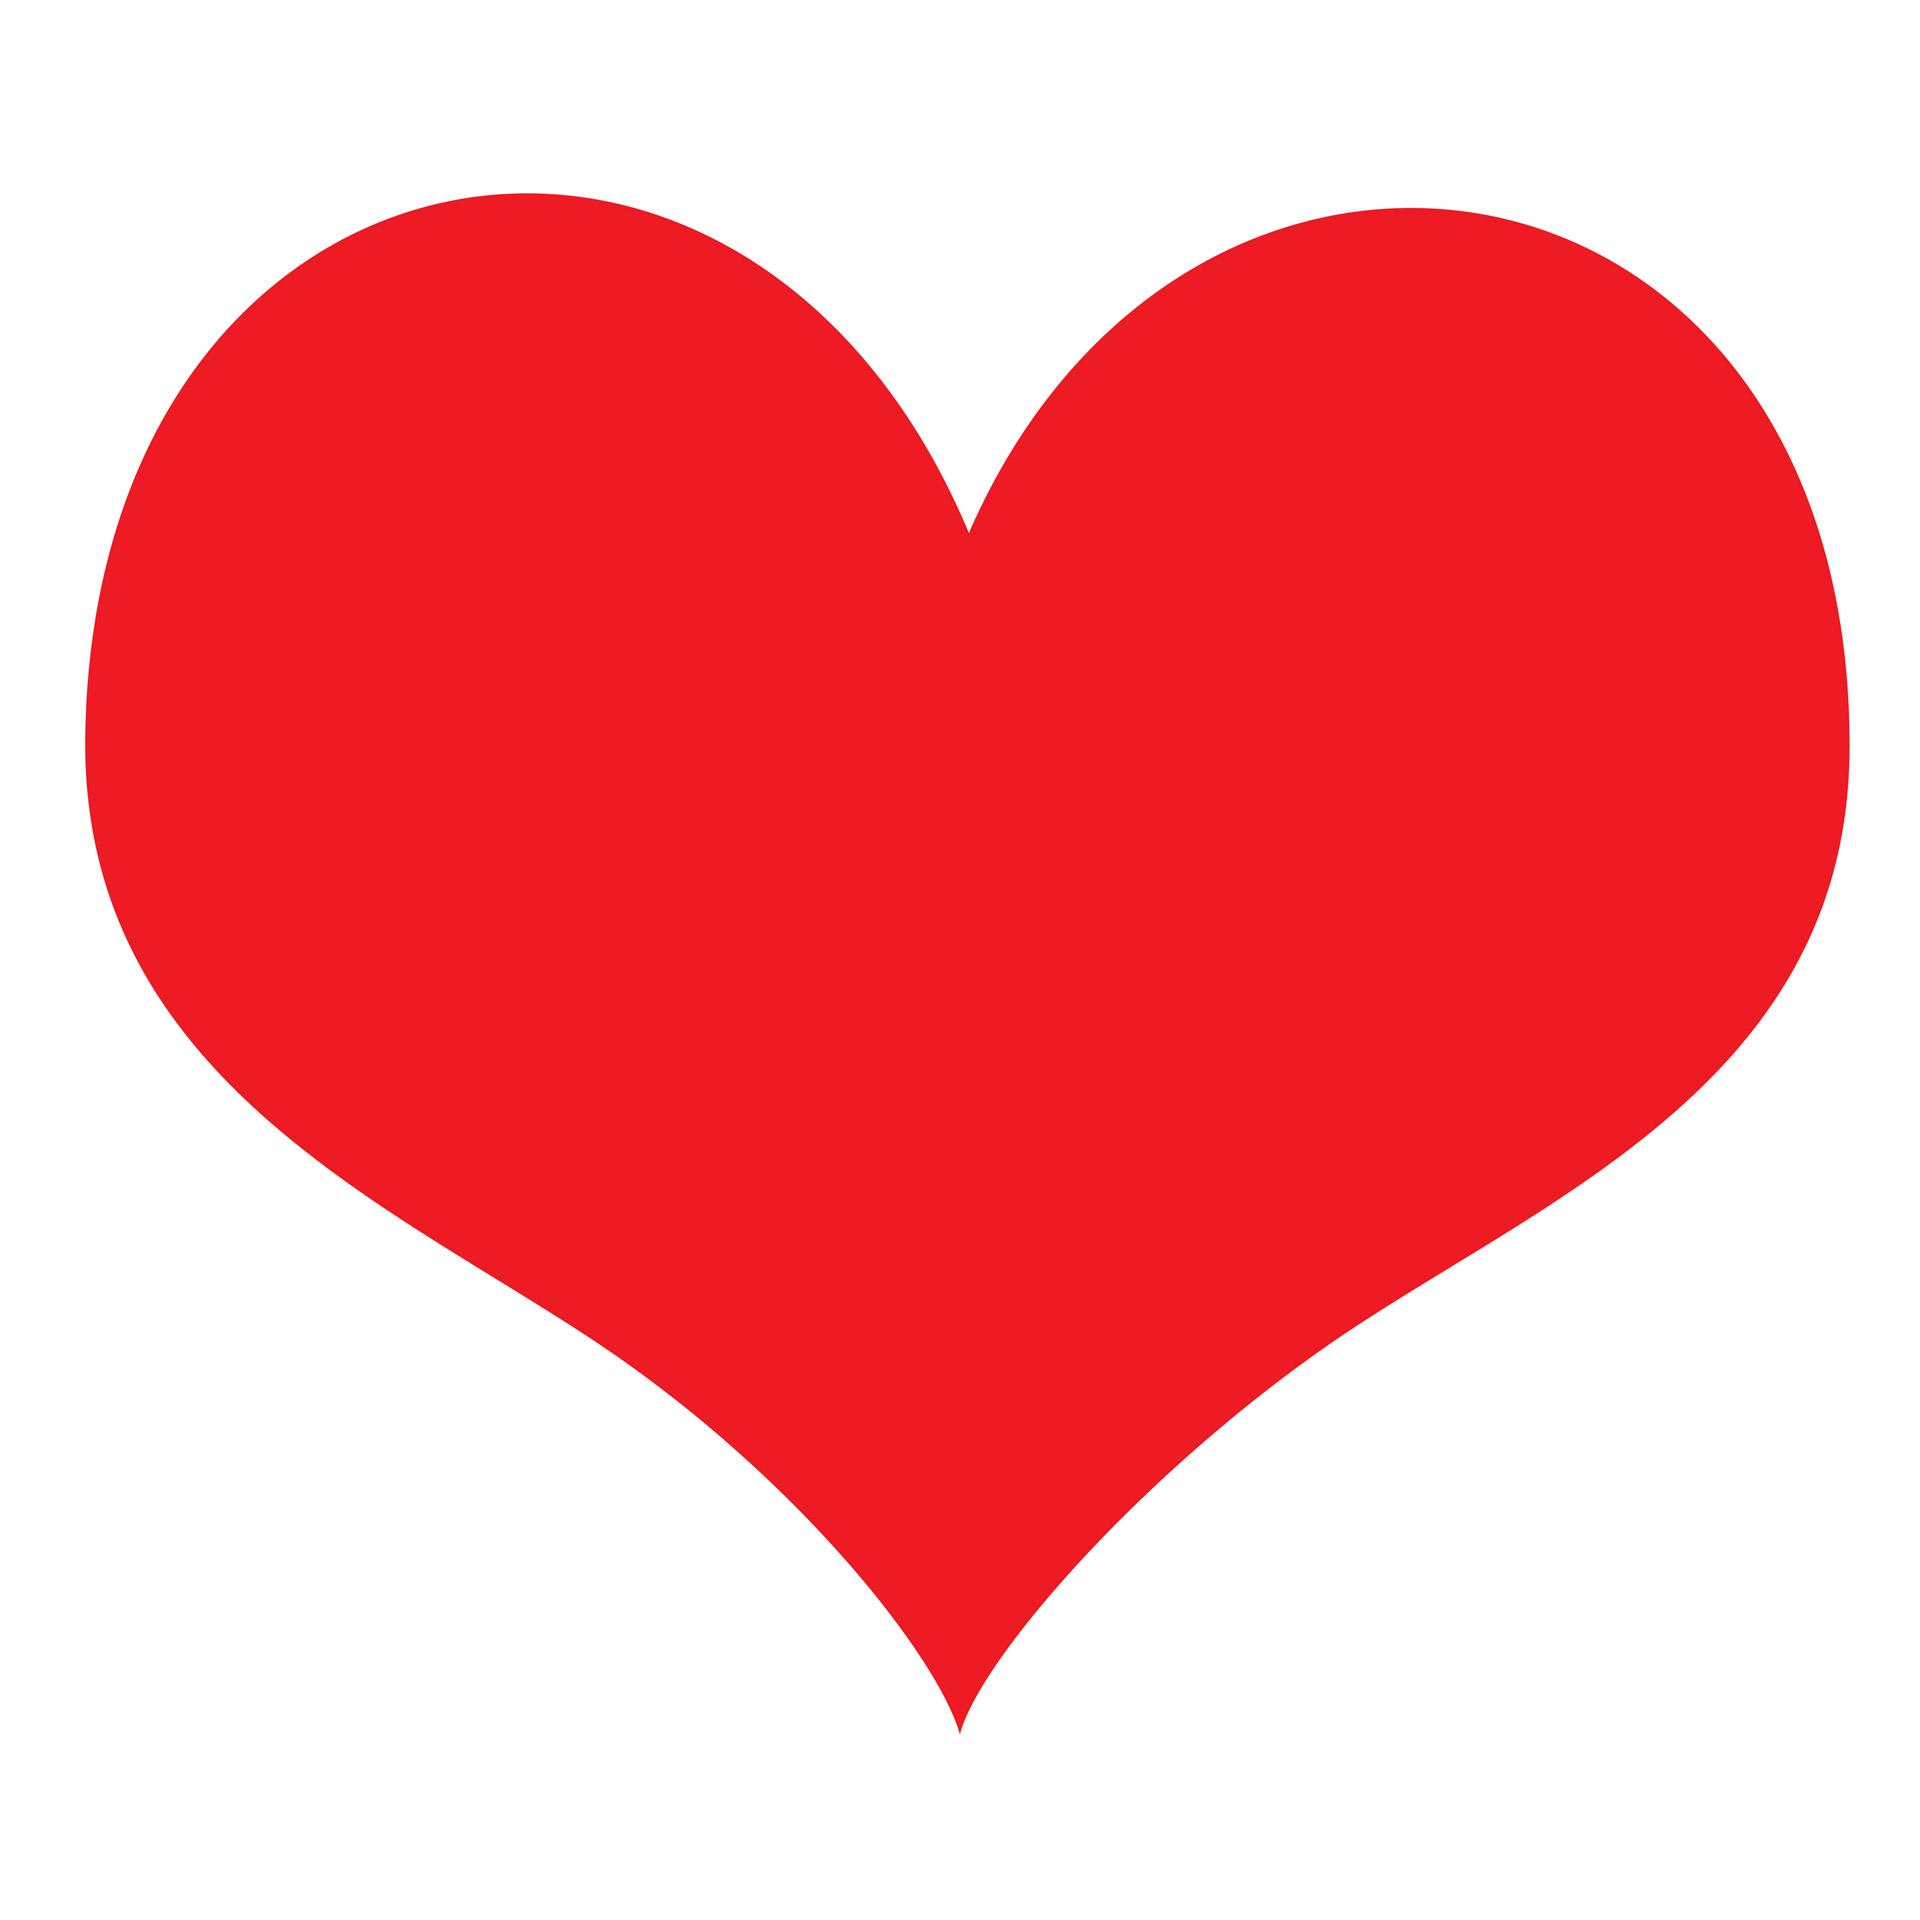 red-heart-1362916005n5z